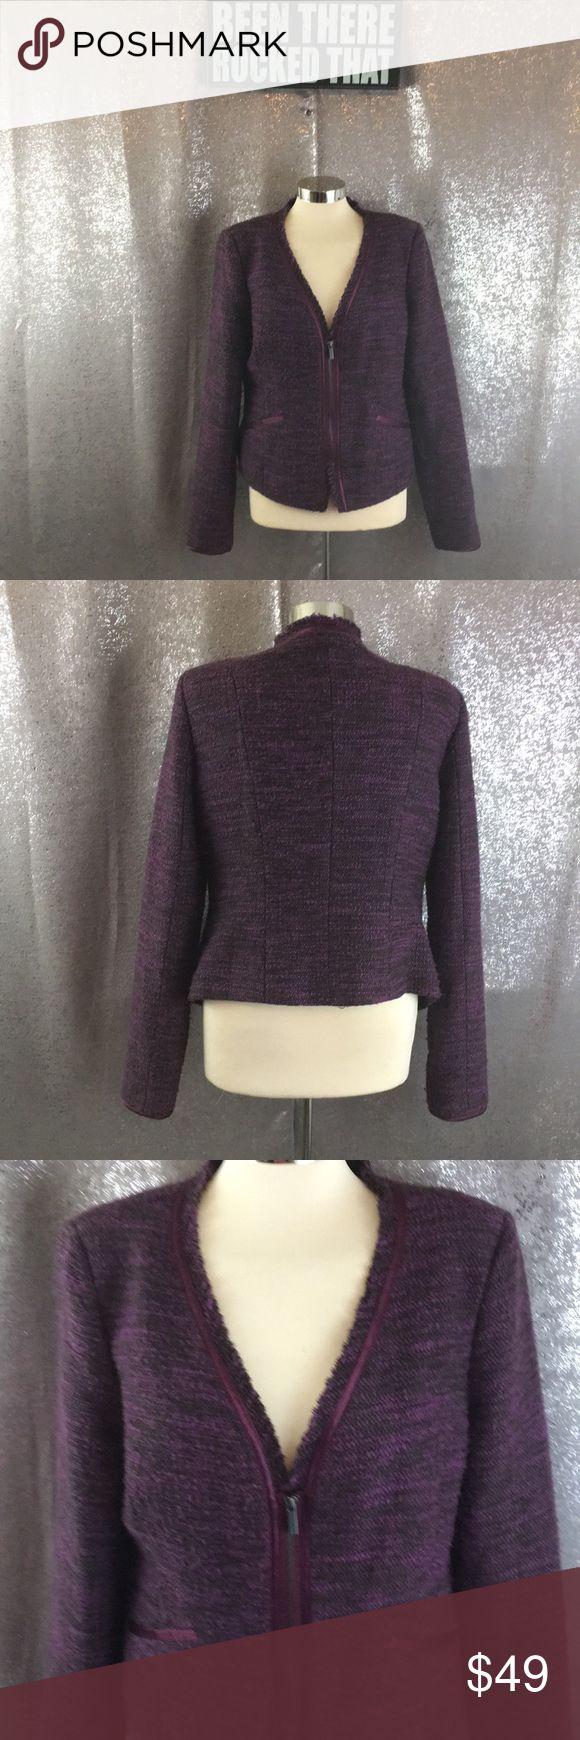 Bcbg tweed purple zip up blazer Excellent condition BCBG Jackets & Coats Blazers